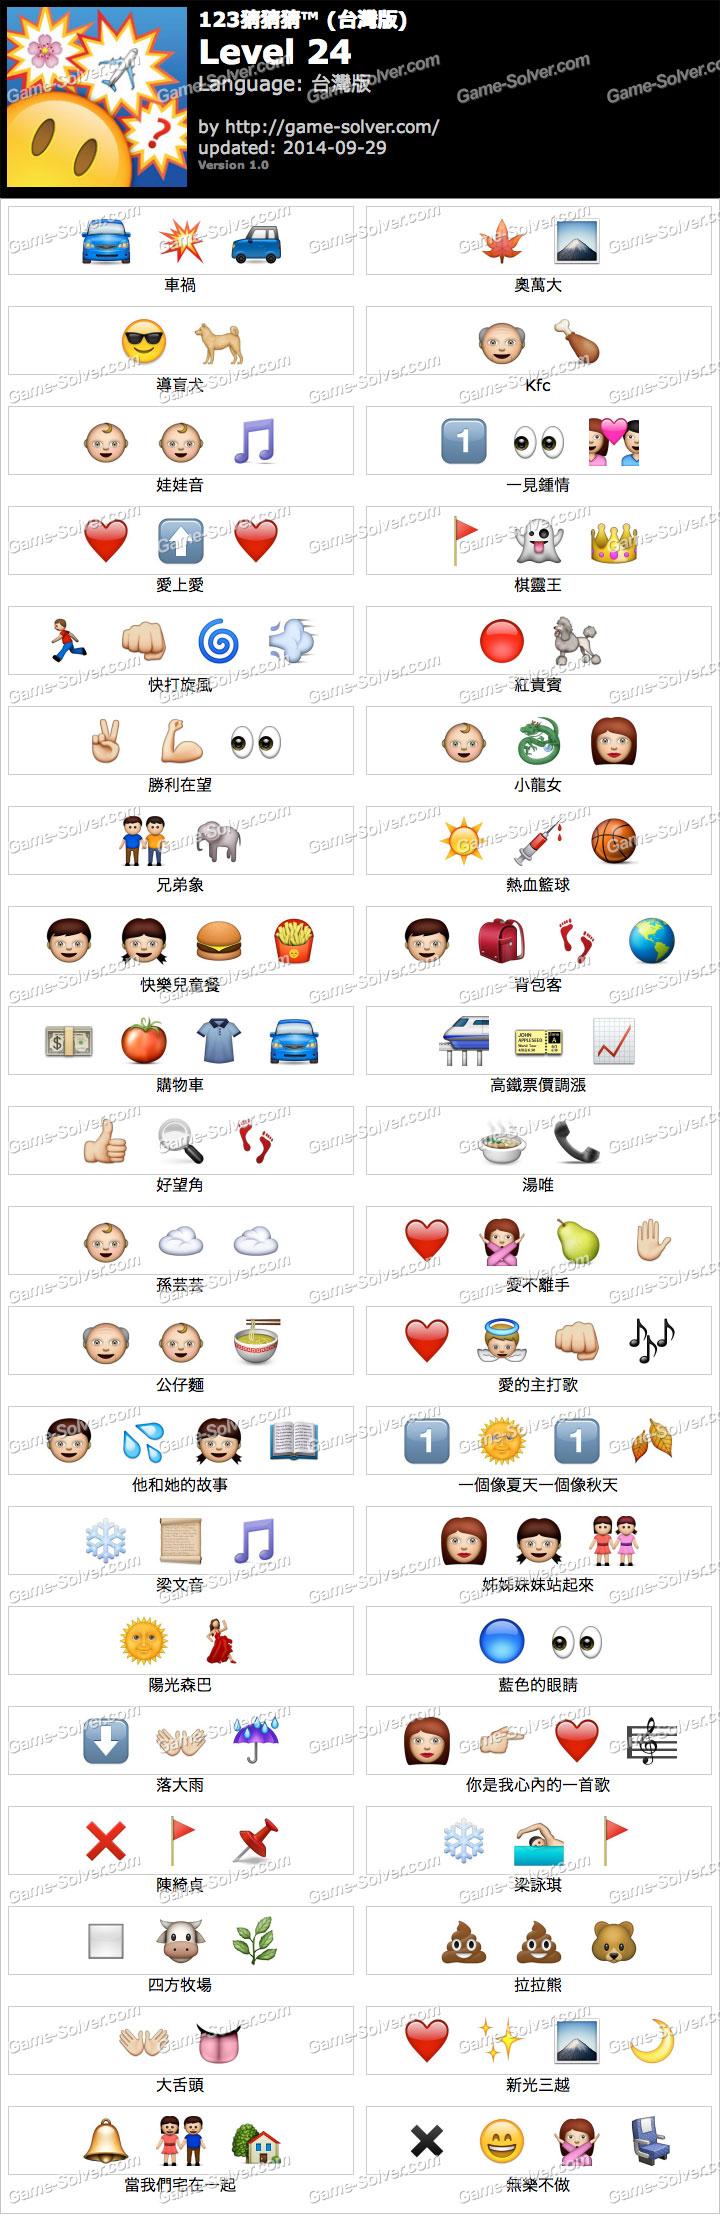 123猜猜猜台灣版答案等級24